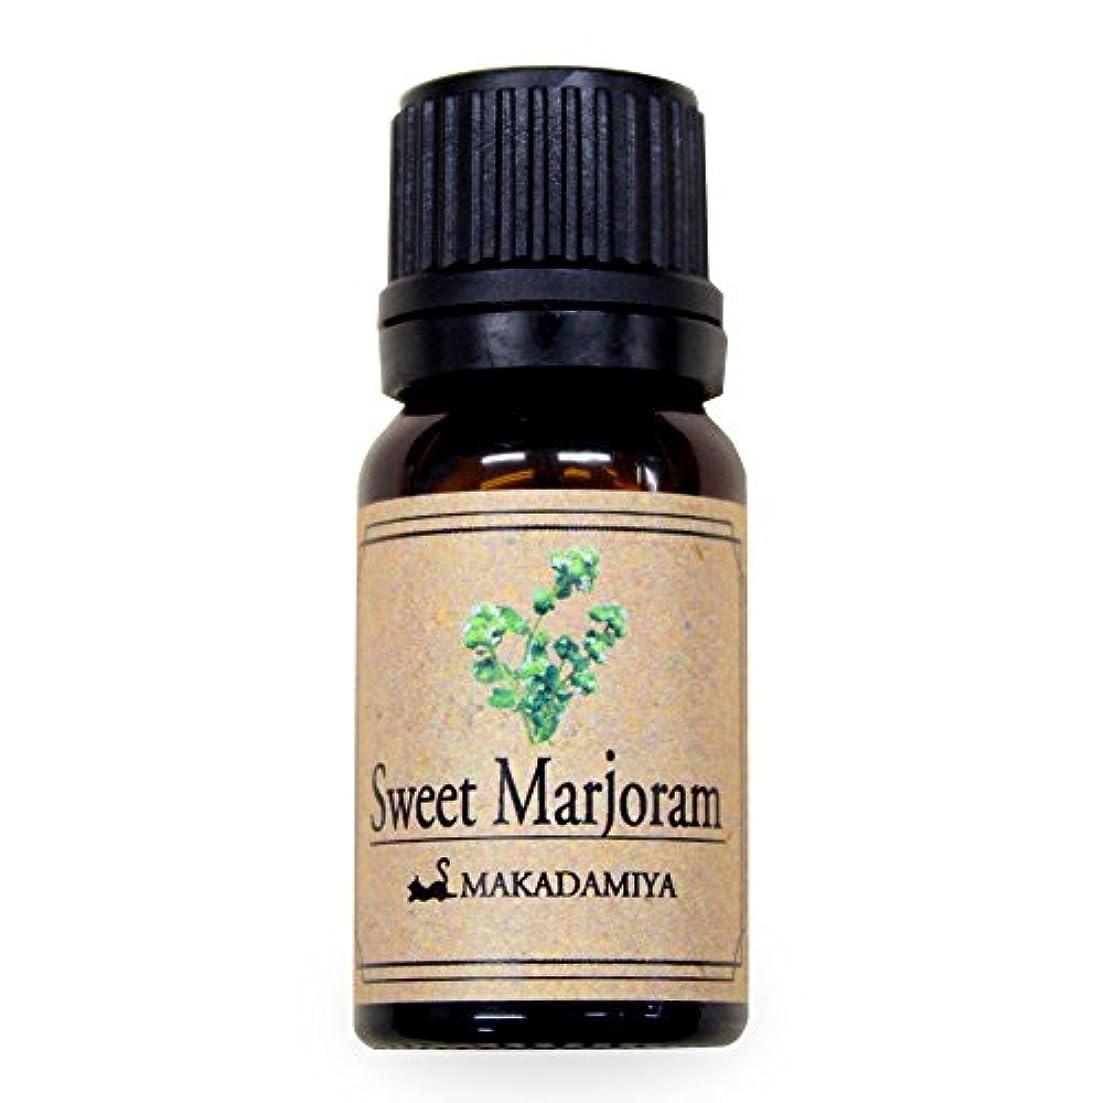 剃る未払いハングスイートマージョラム10ml 天然100%植物性 エッセンシャルオイル(精油) アロマオイル アロママッサージ aroma Sweet M.